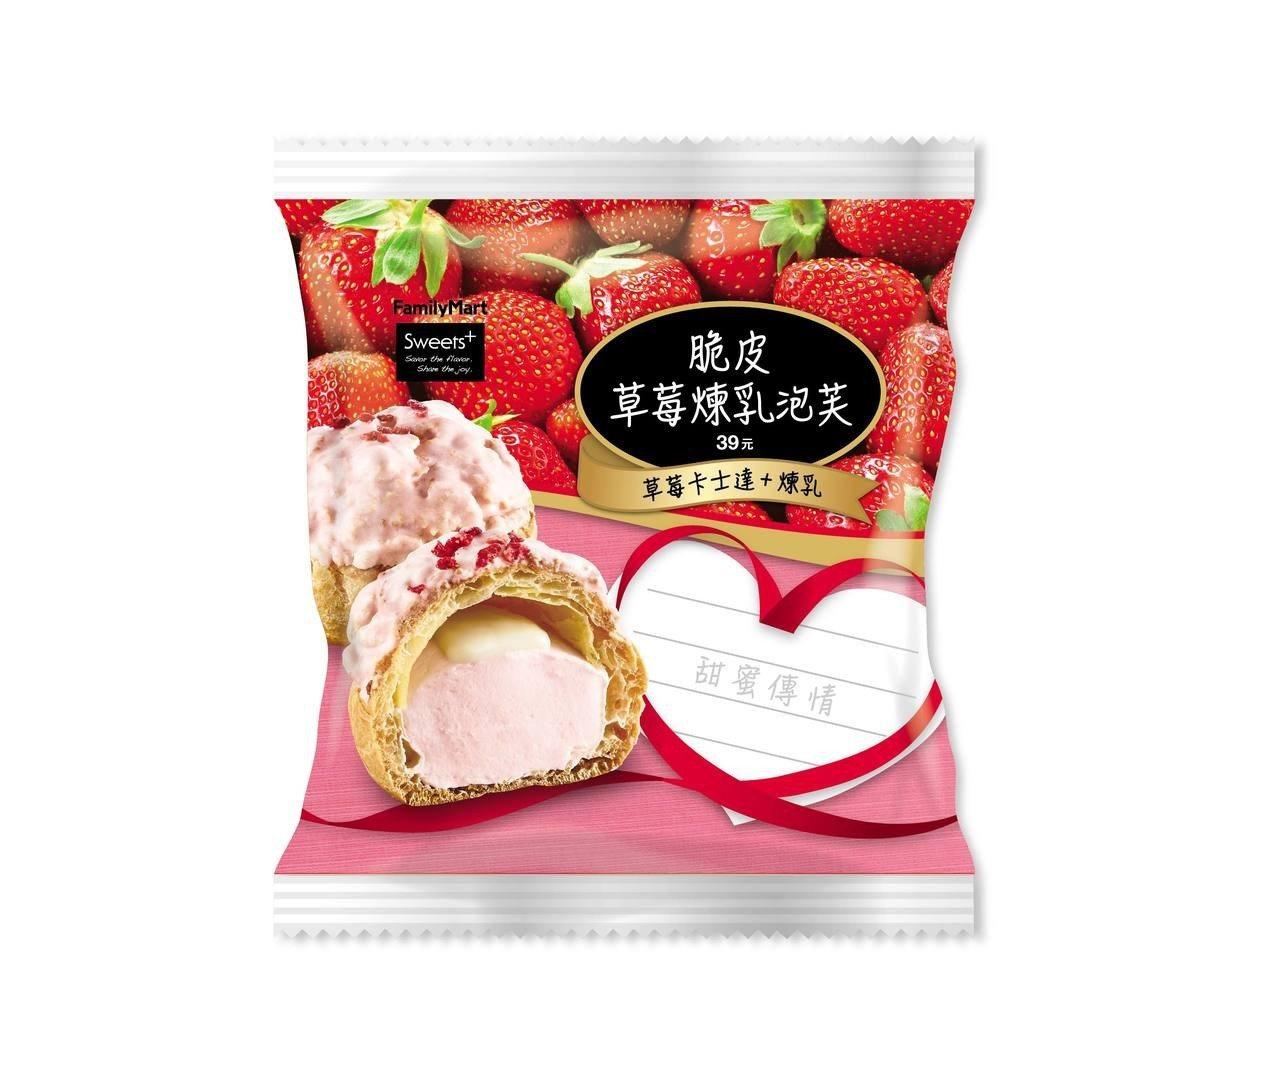 脆皮草莓煉乳泡芙,售價39元。圖/全家便利商店提供